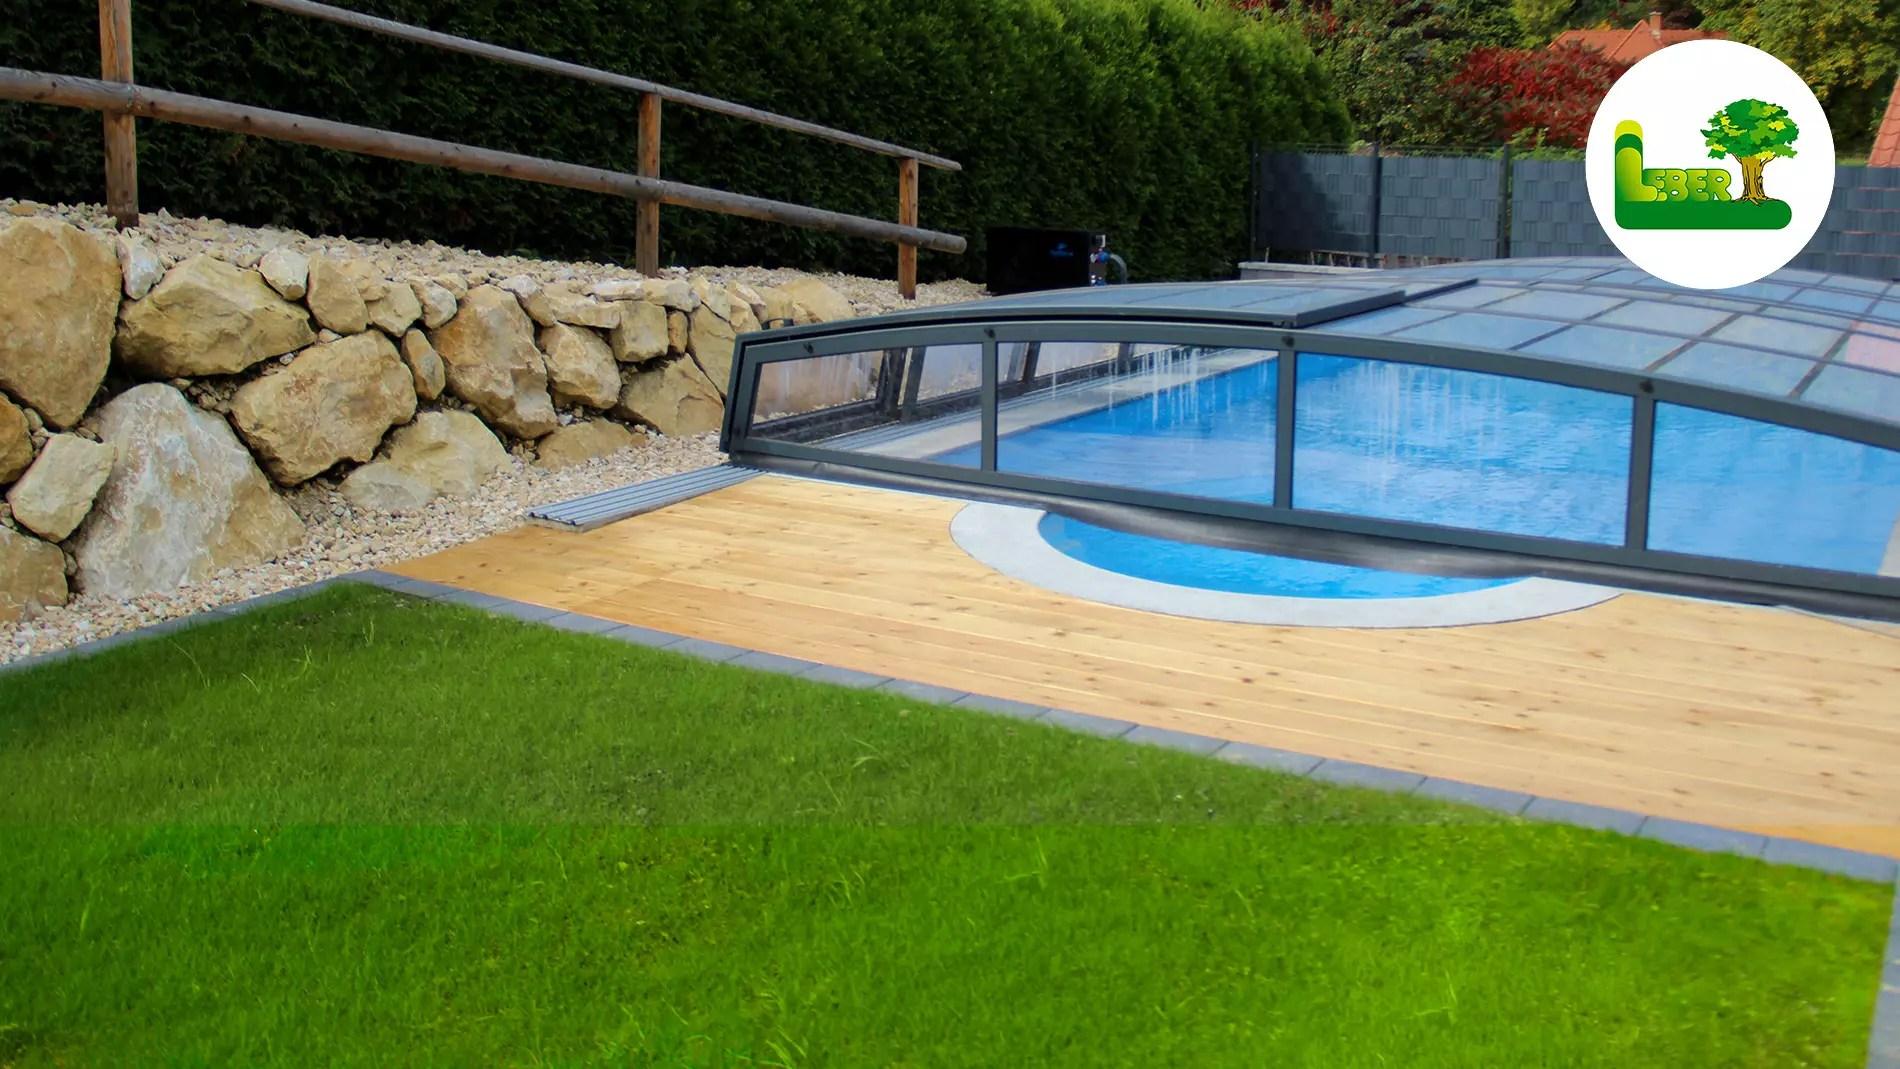 Pool + gesamte Anlage rund um's Haus.